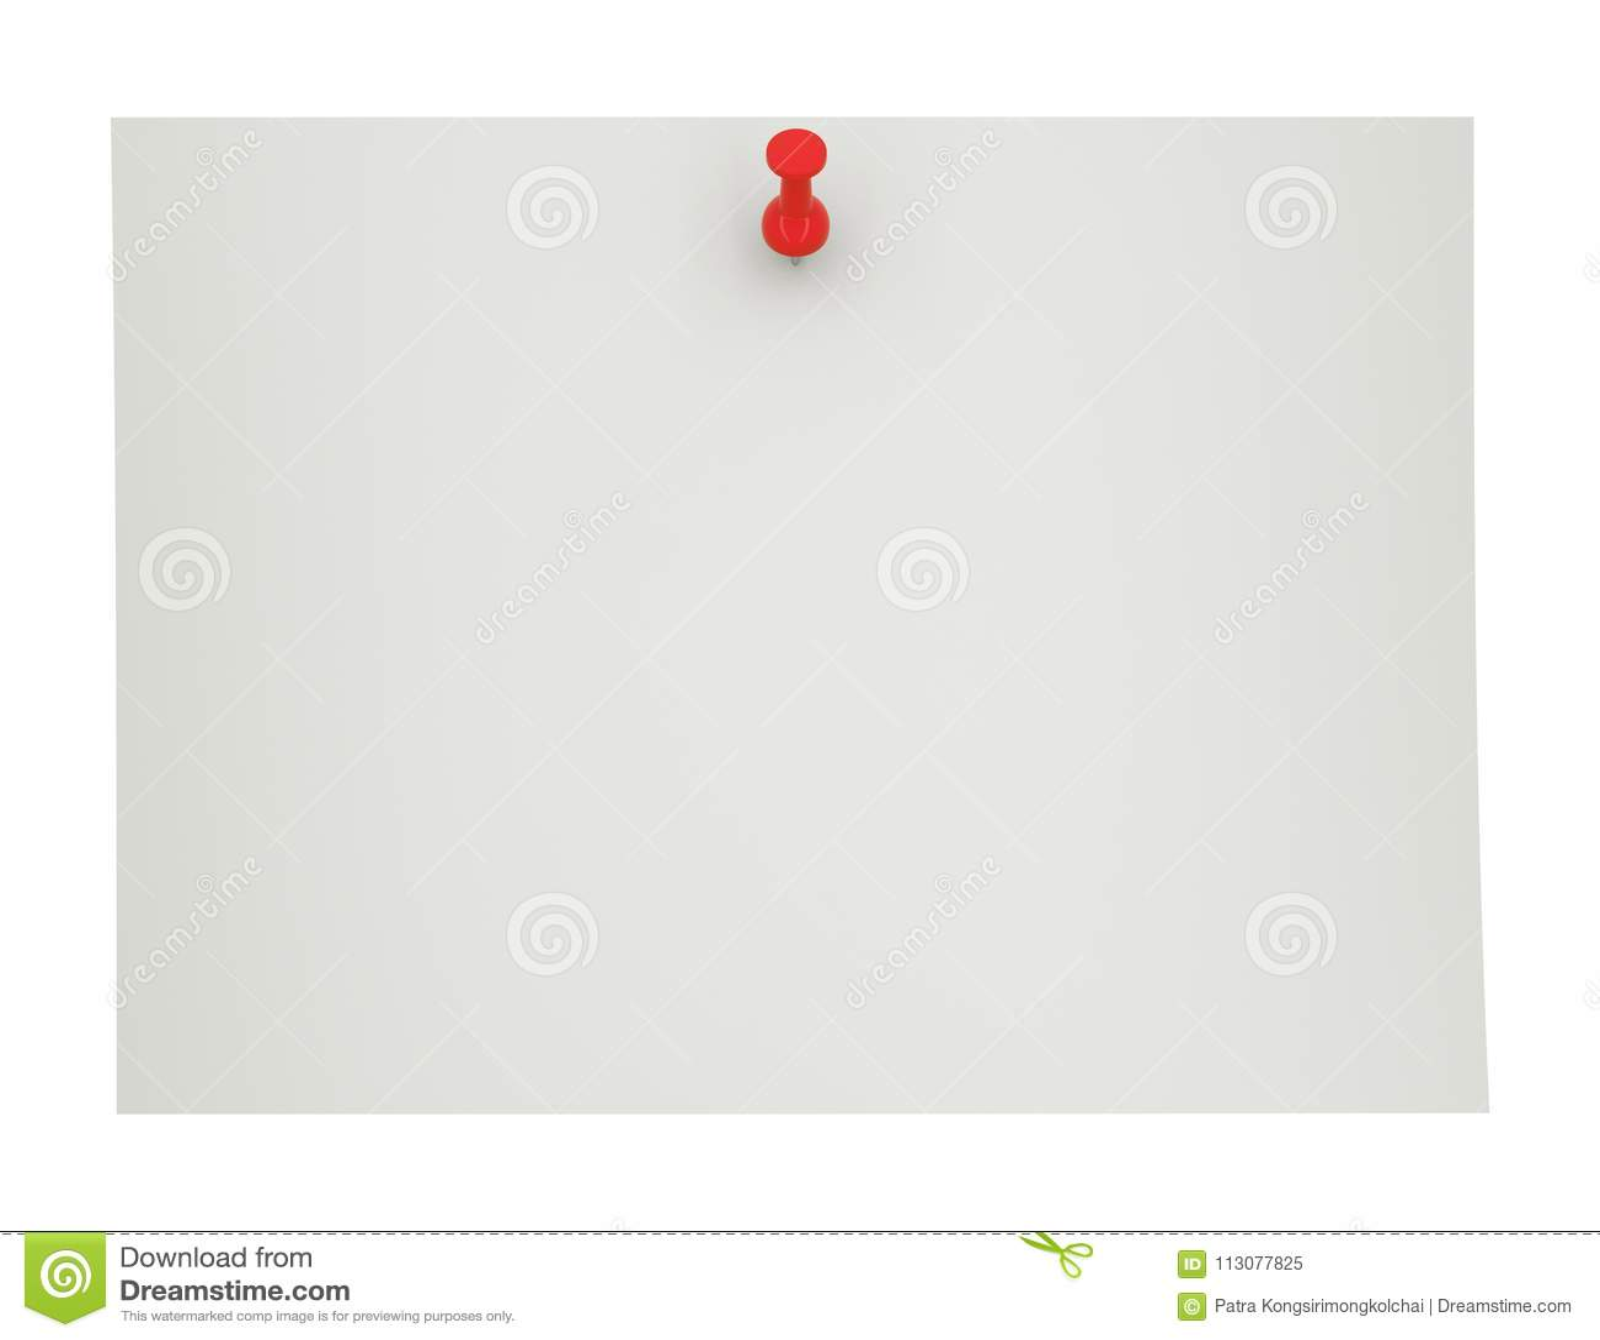 Κόκκινη καρφίτσα ώθησης, πινέζα σε κενό χαρτί, τρισδιάστατη απεικόνιση